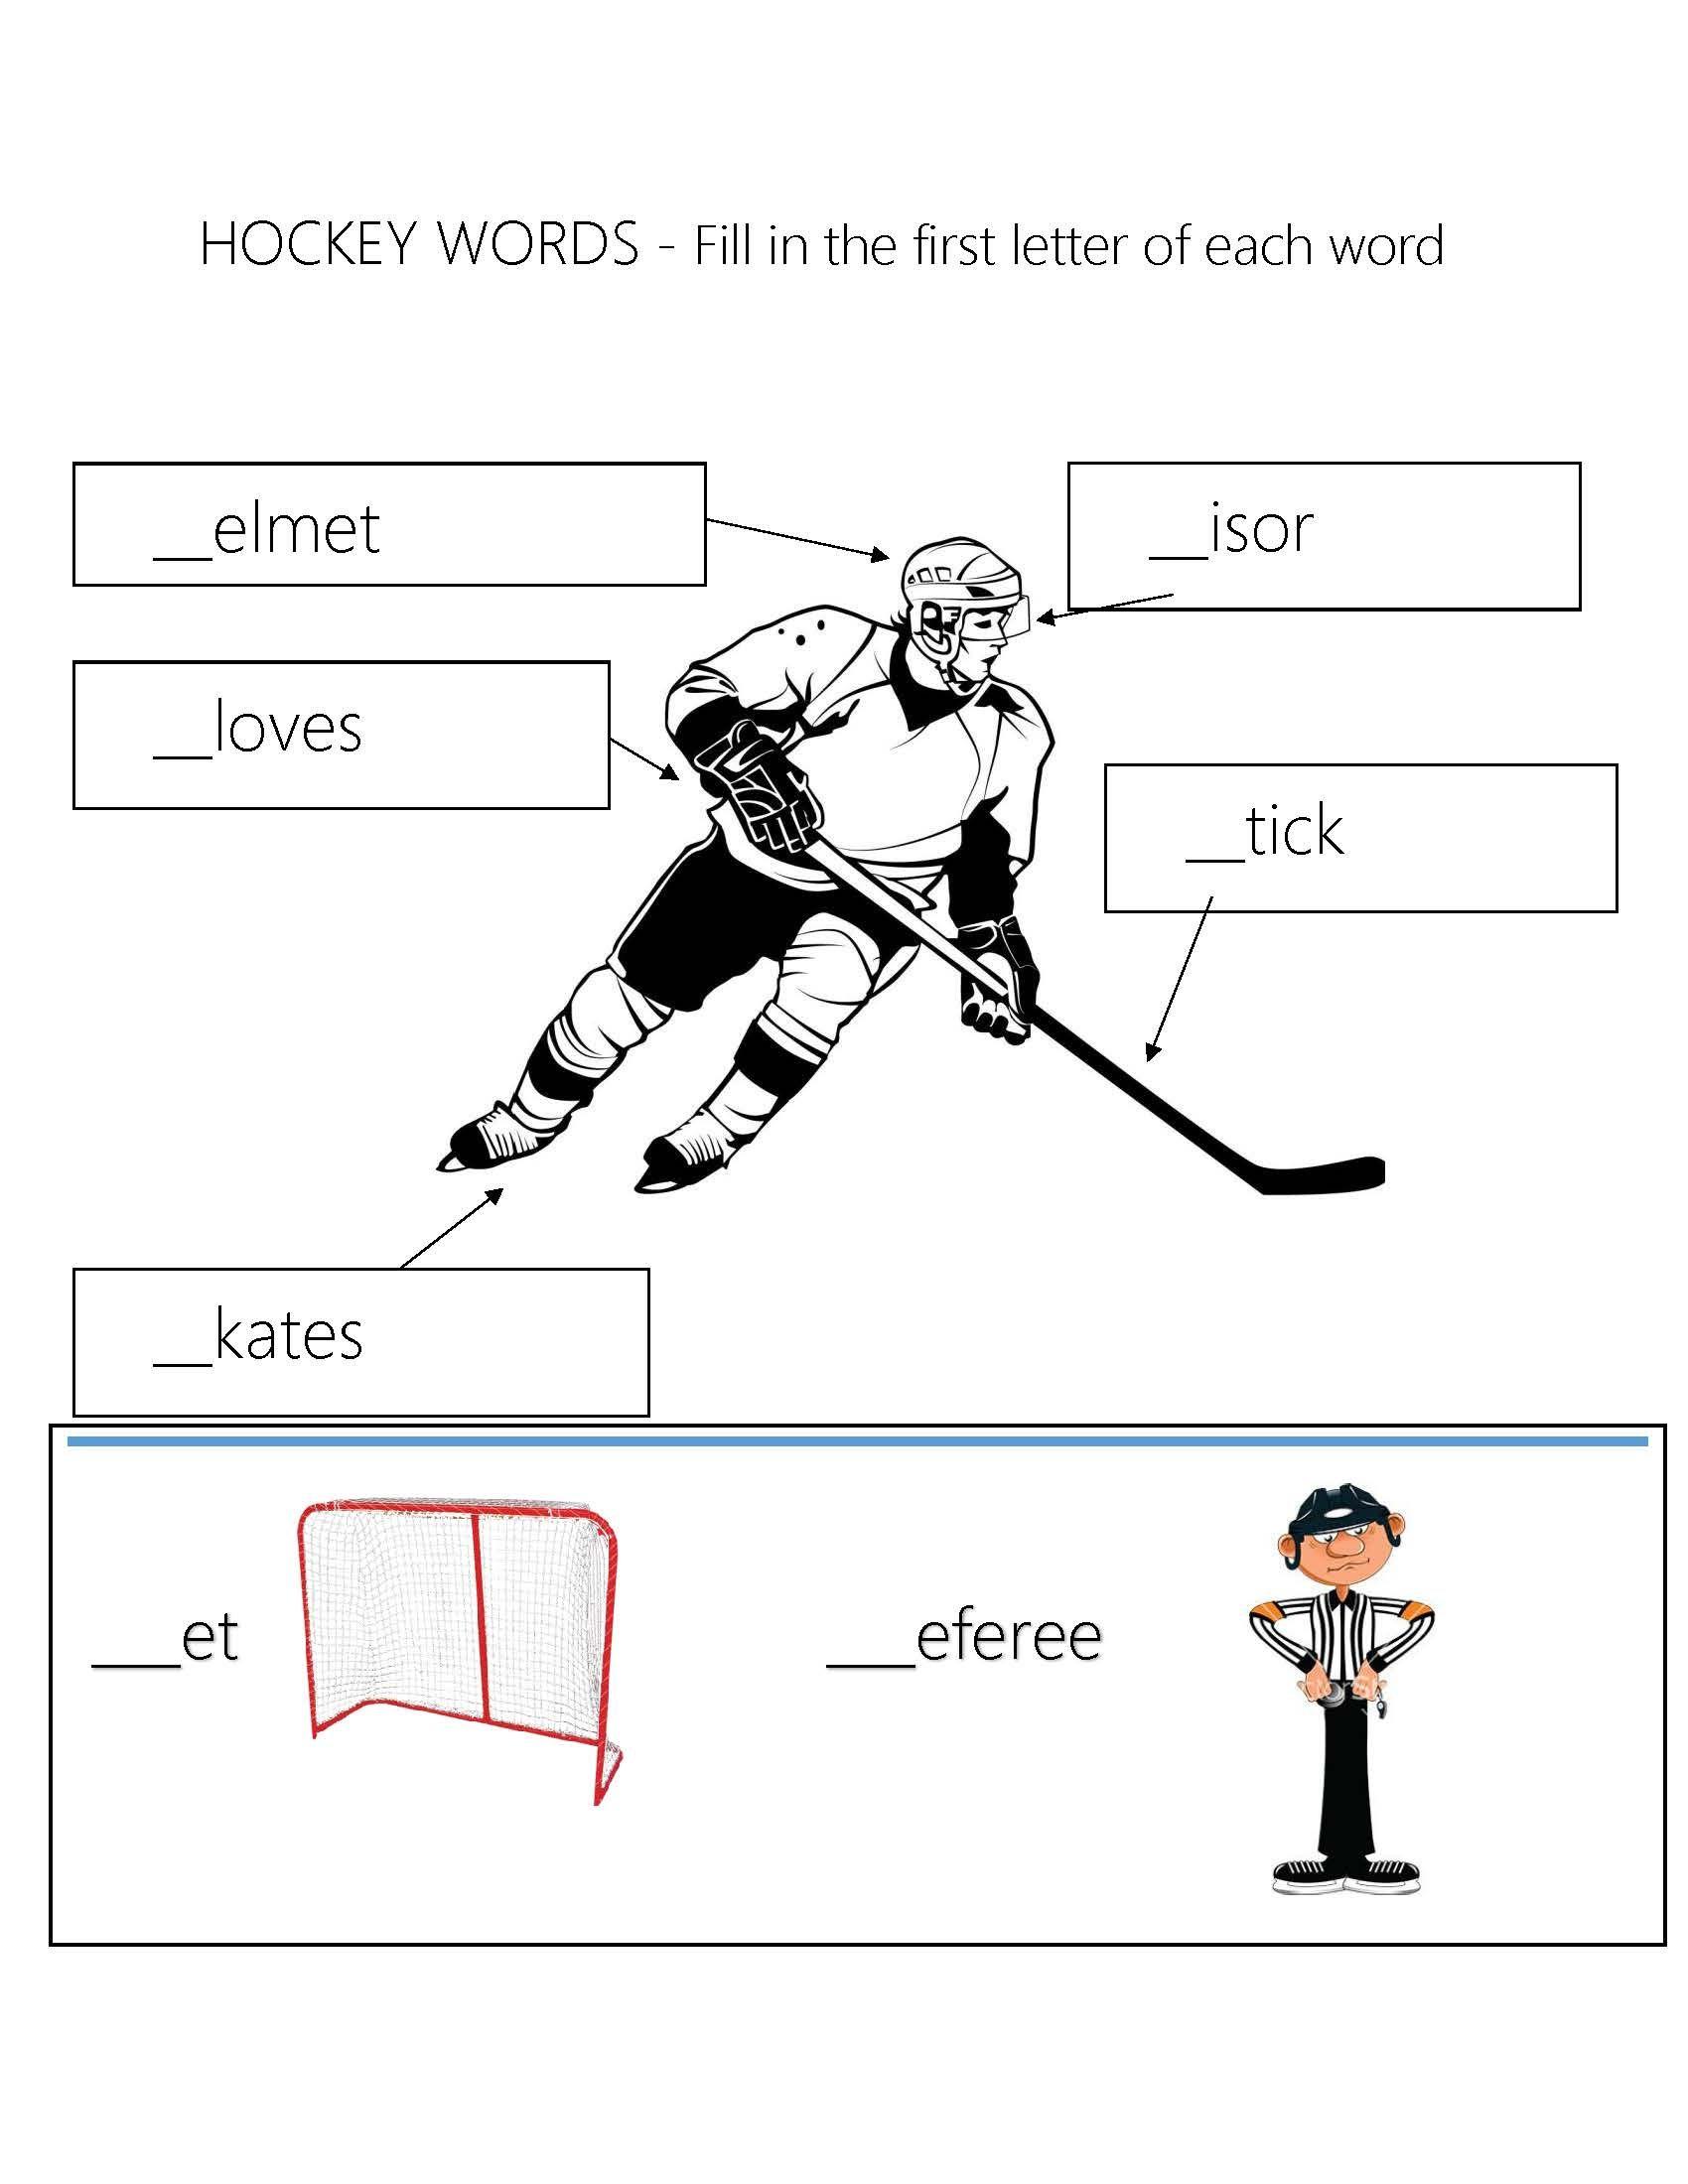 First Letter Fill In Worksheet Hockey Themed Spelling For